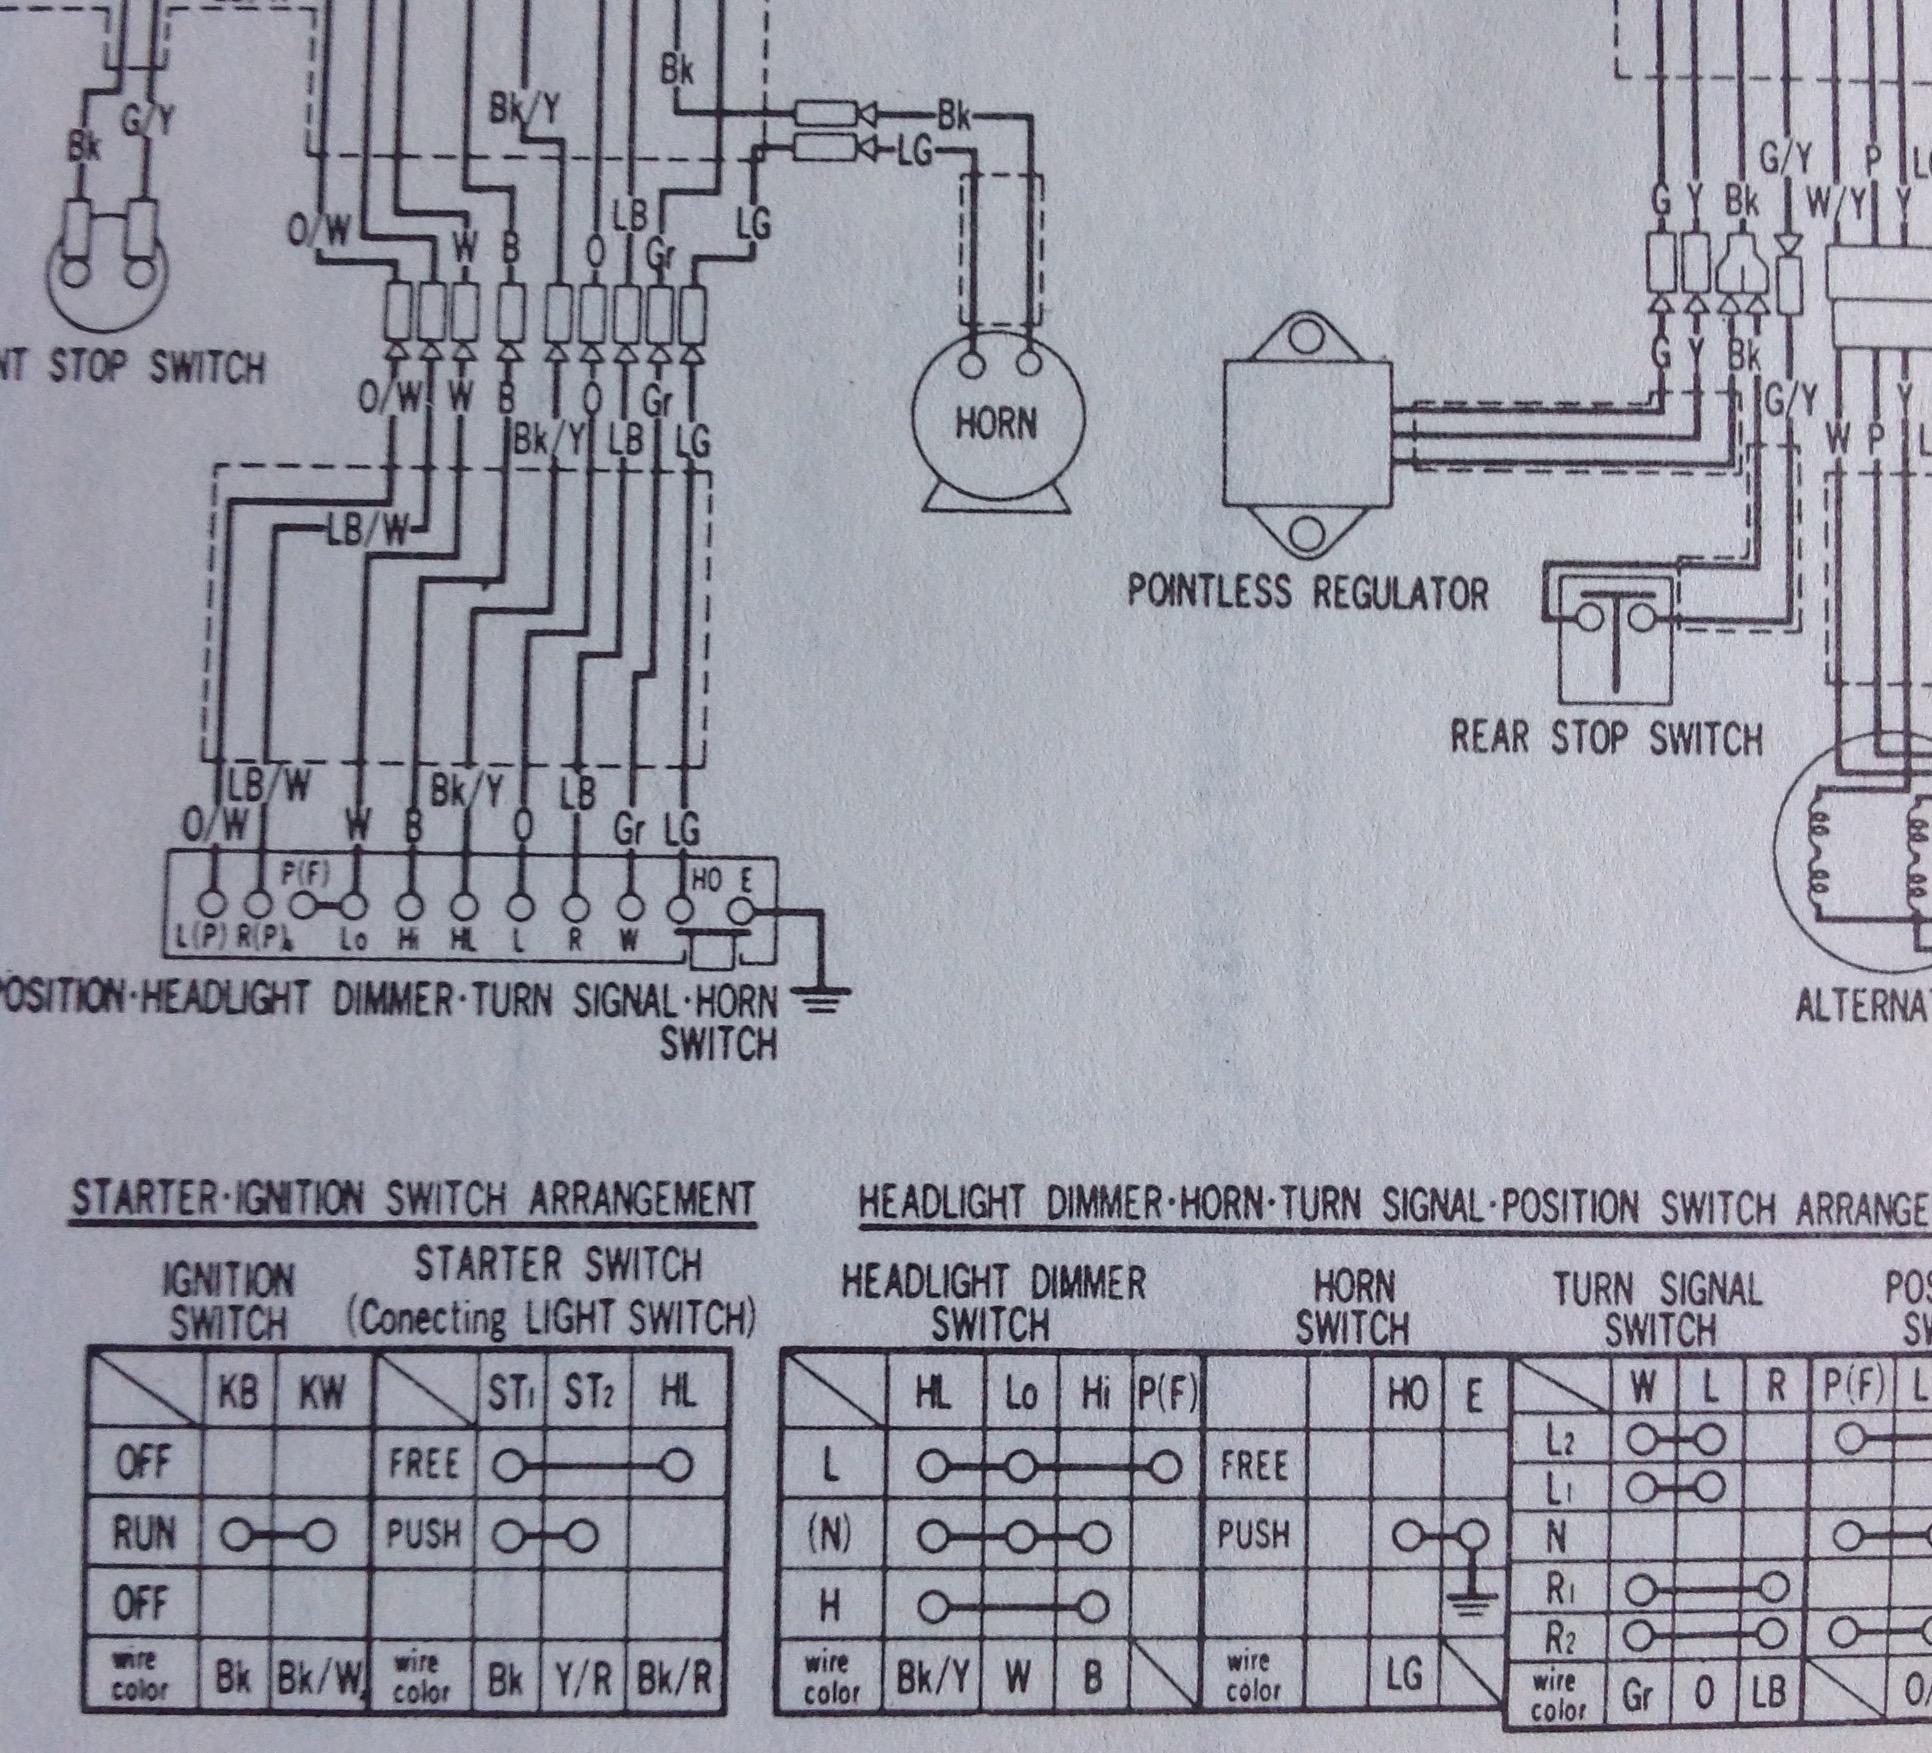 1975 Cb500t Wiring Diagram - Basic Guide Wiring Diagram •